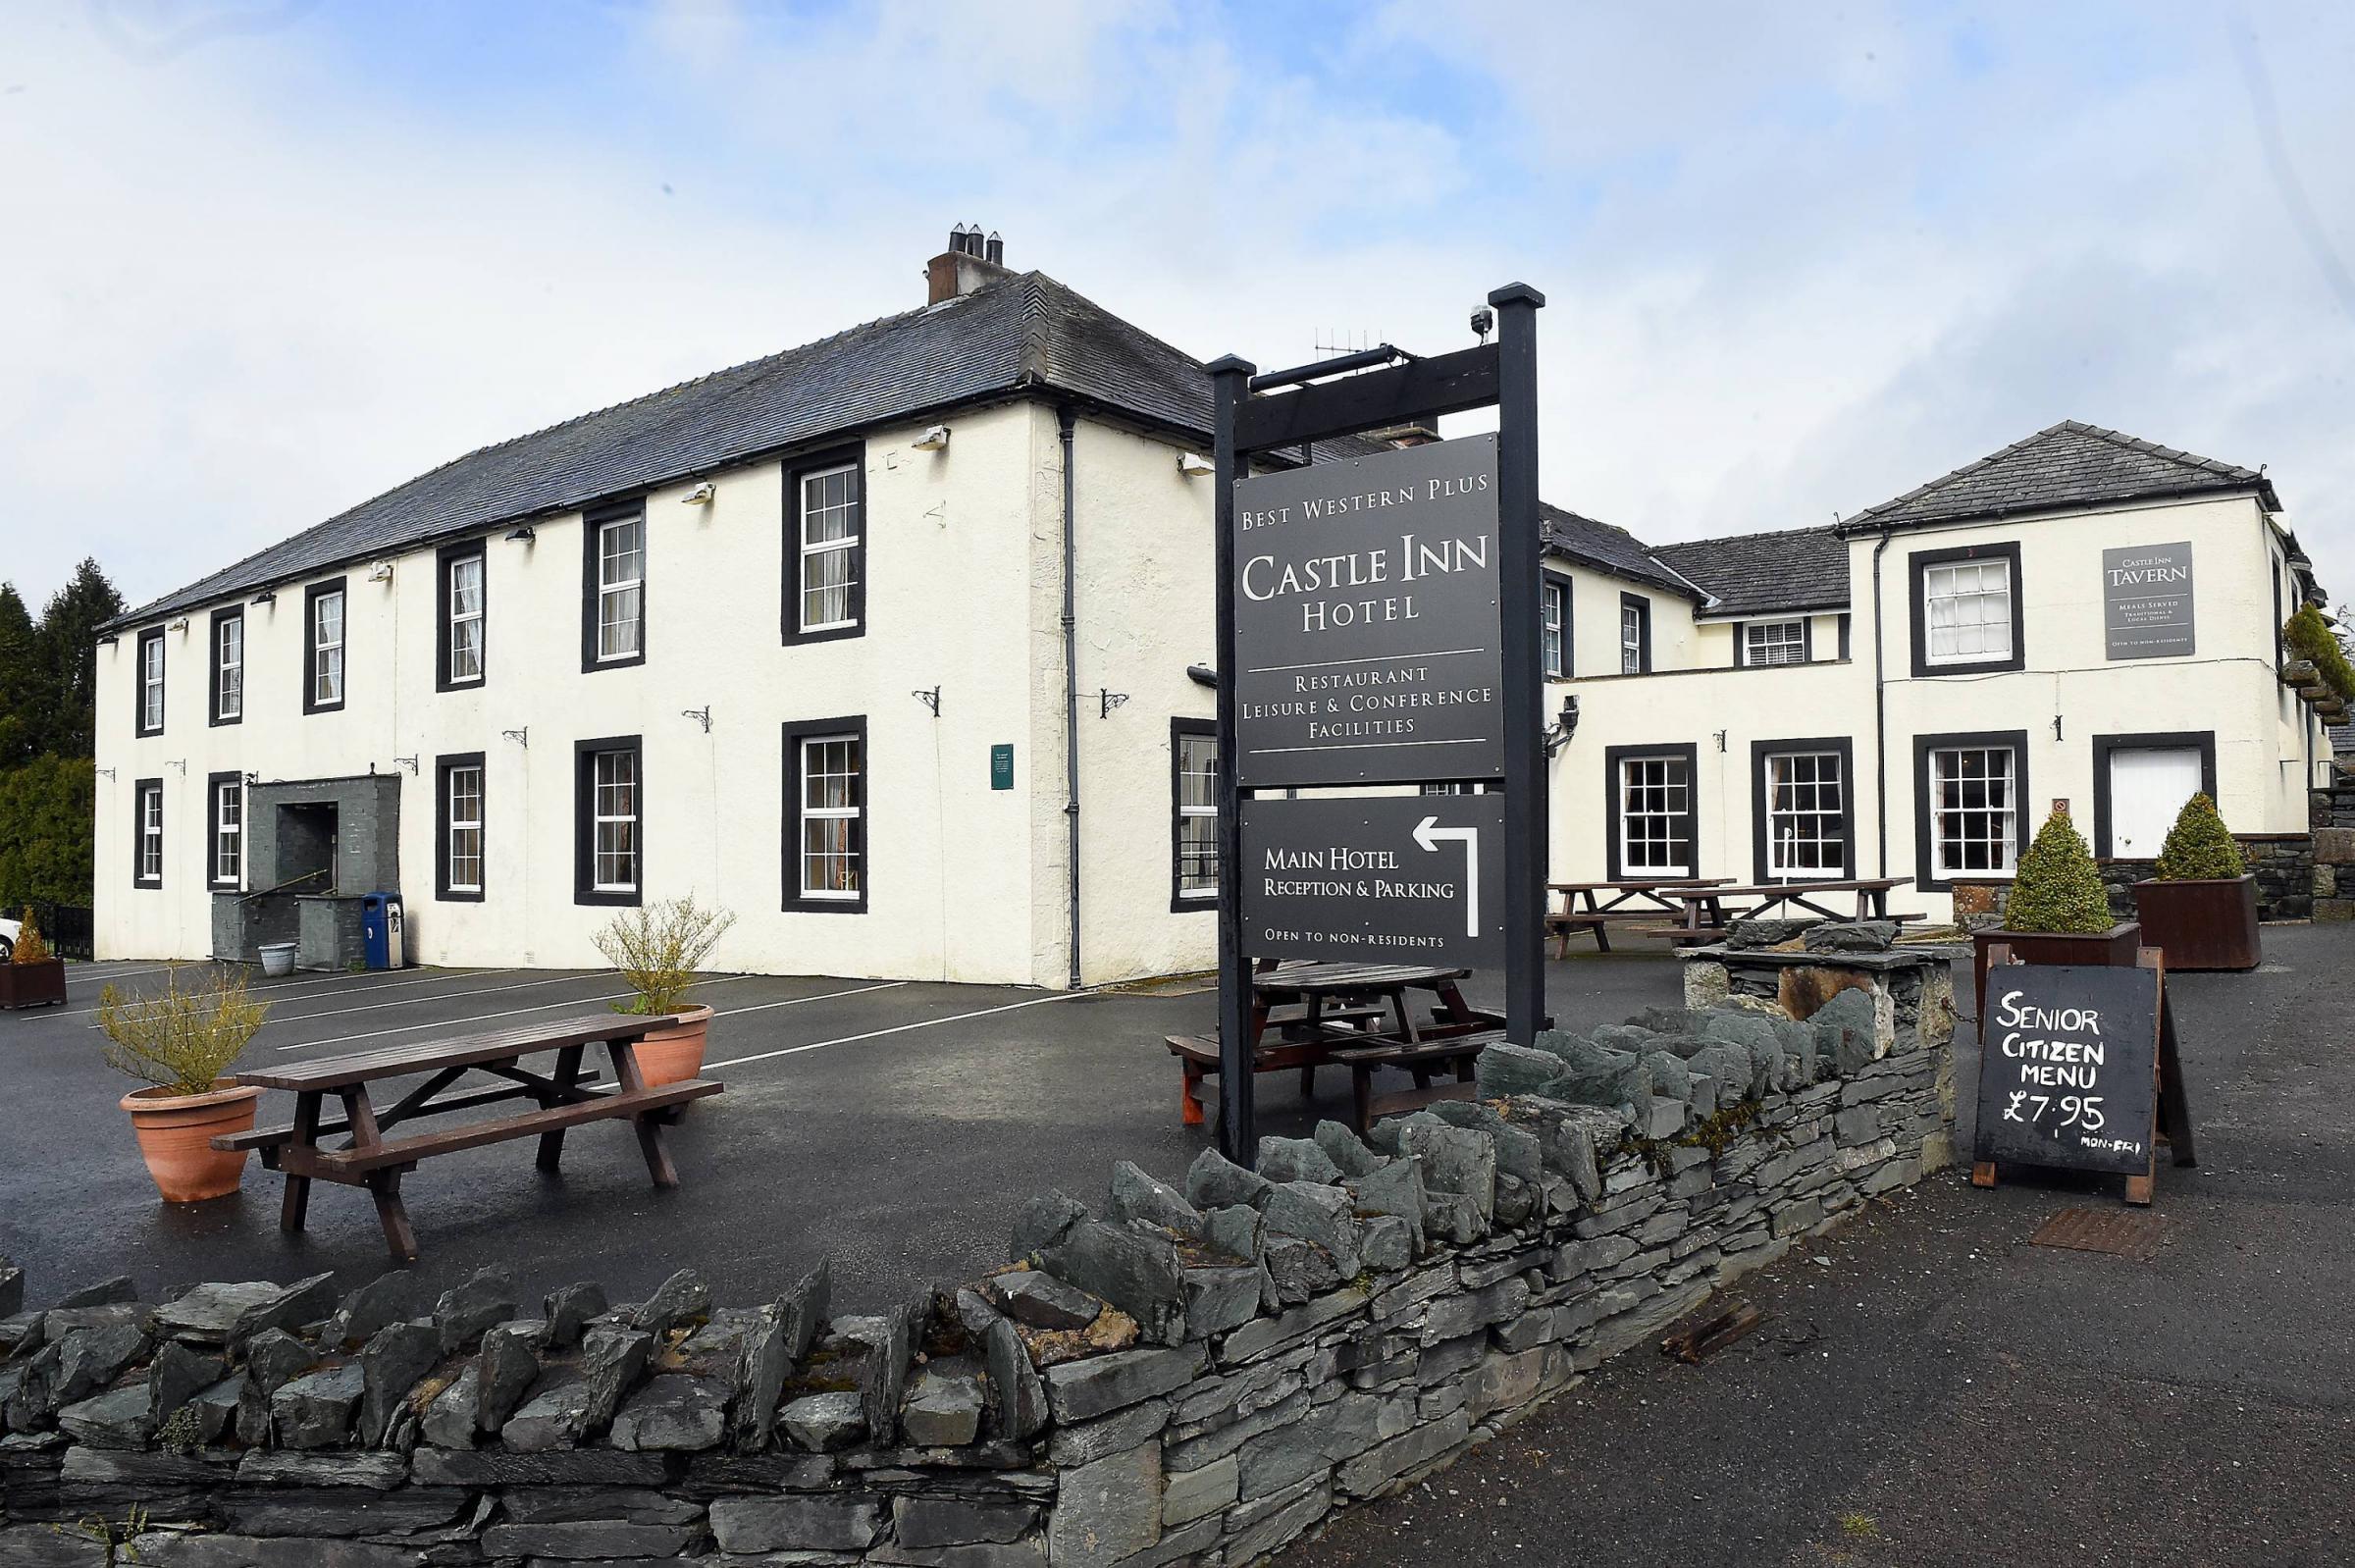 Castle Inn hotel Bassenthwaite. John Story April 16th 2018